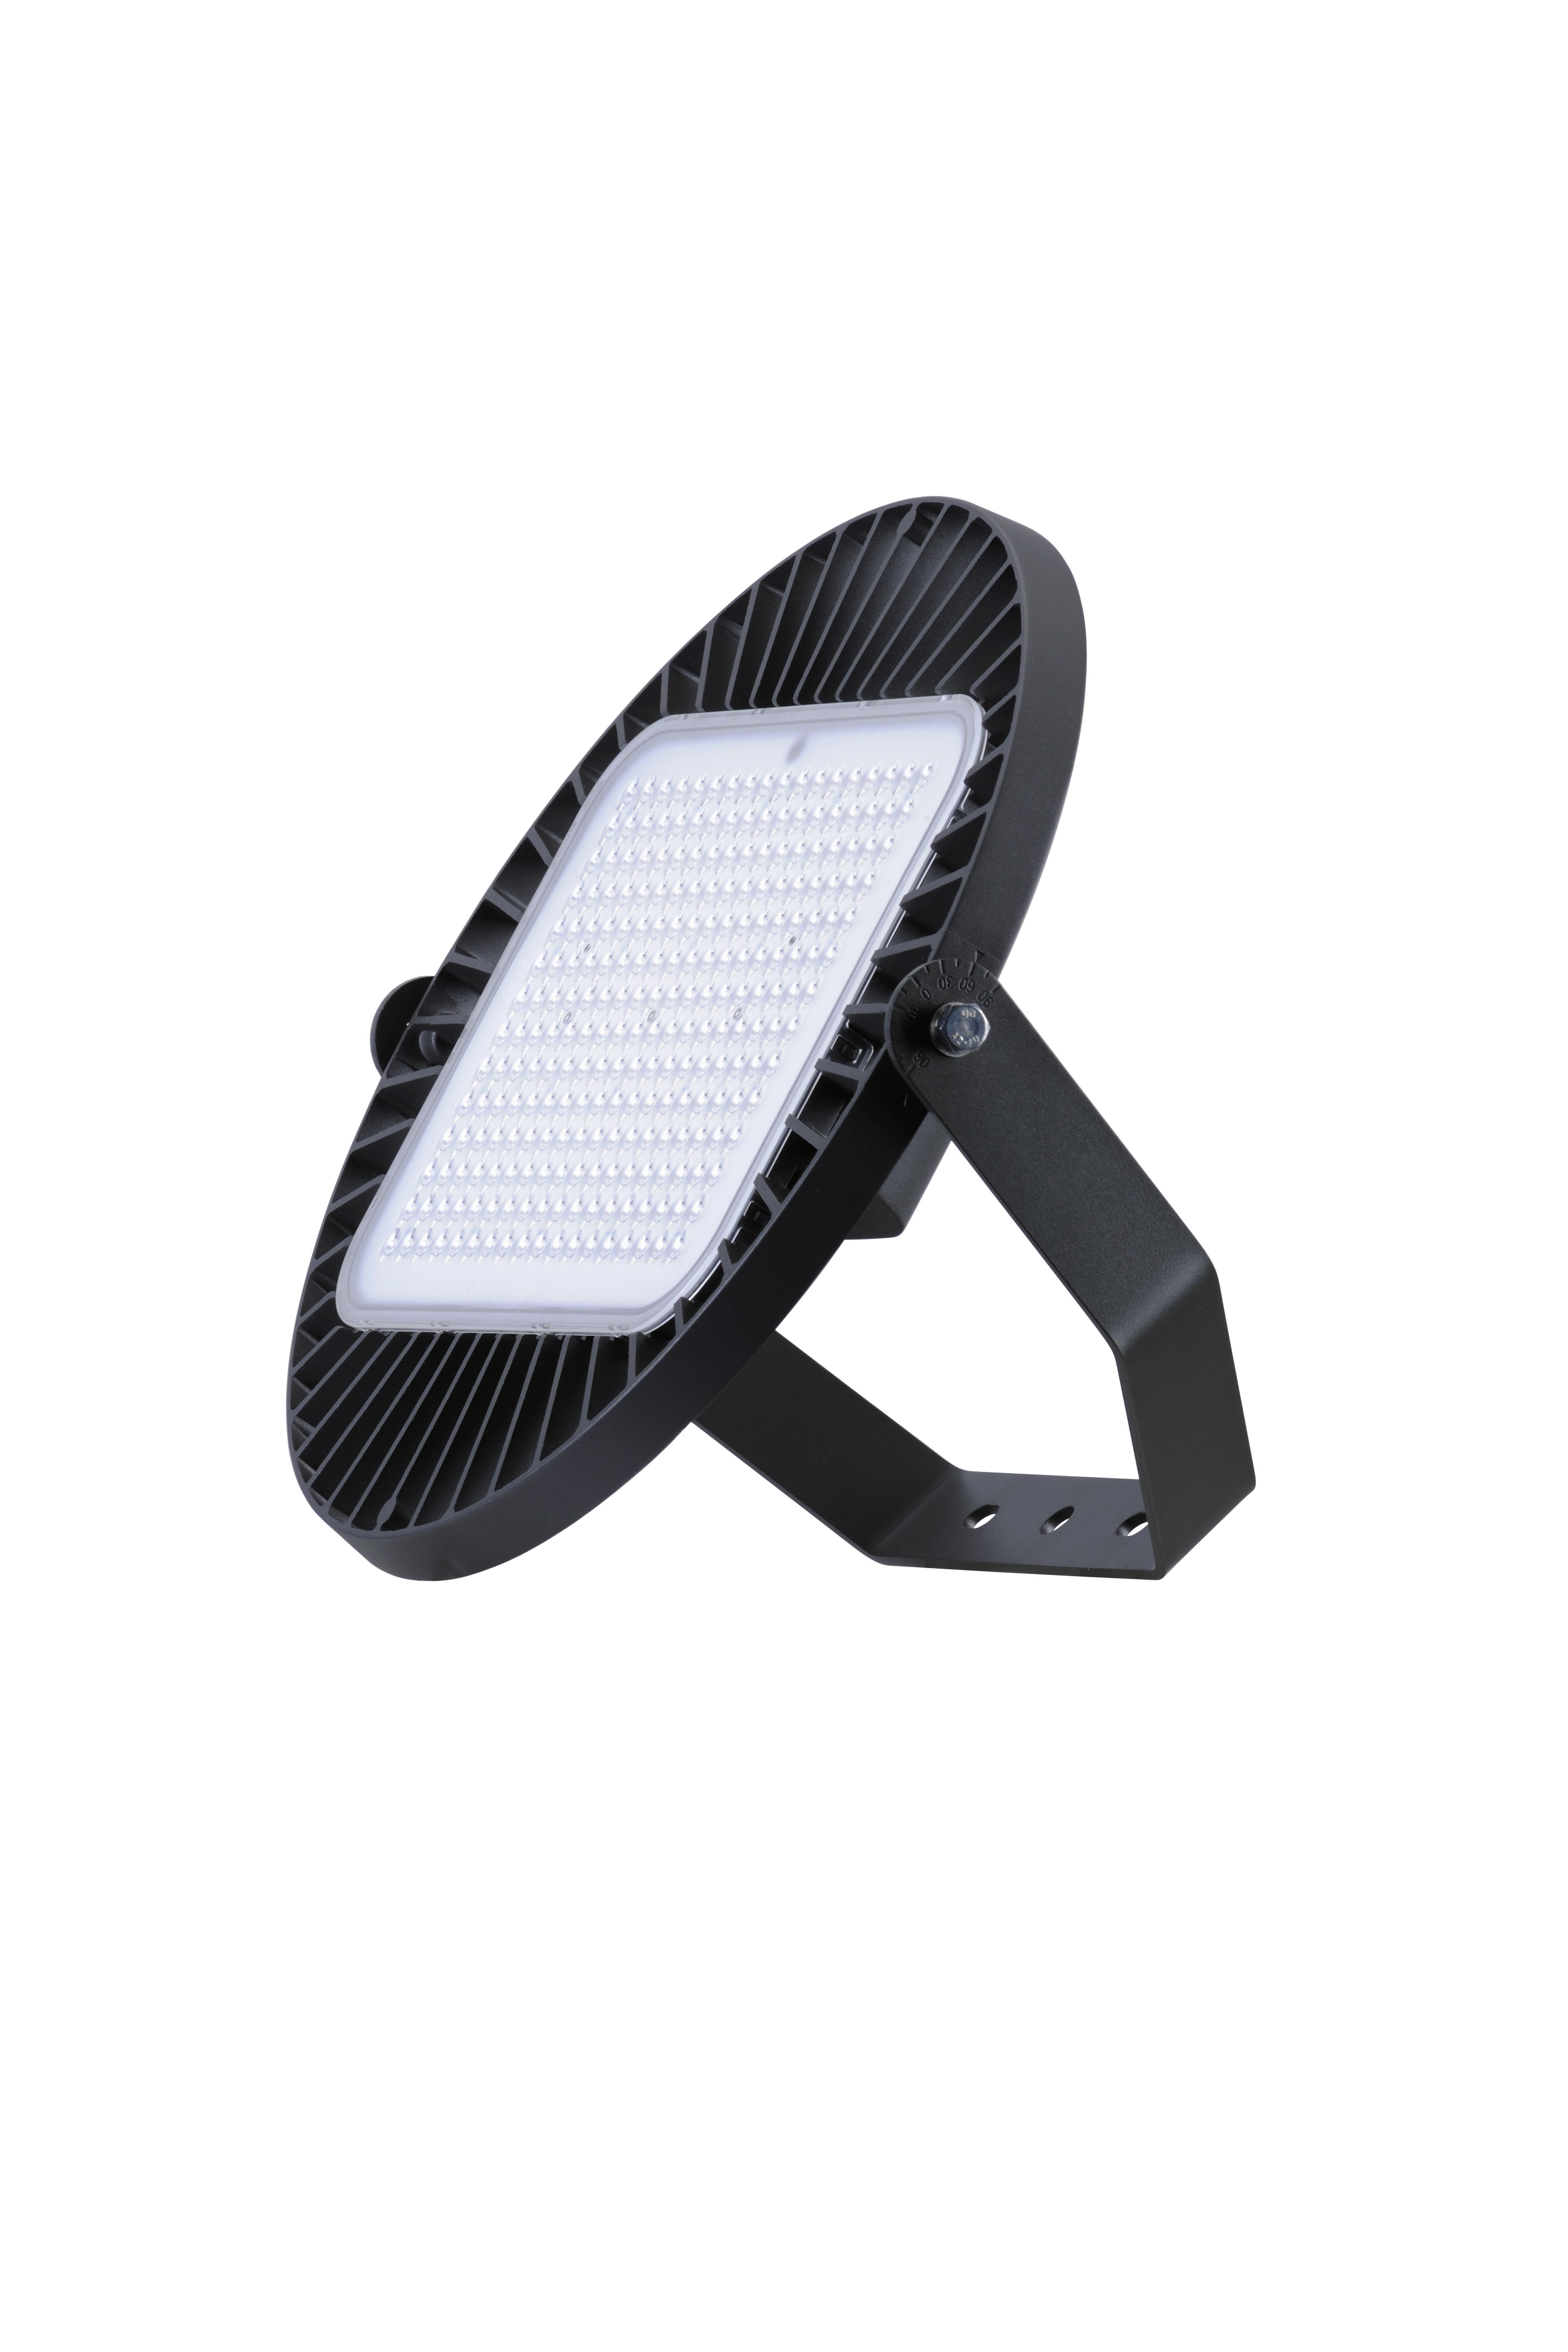 沈阳LED灯具专卖告诉你LED 节能灯有什么缺点?